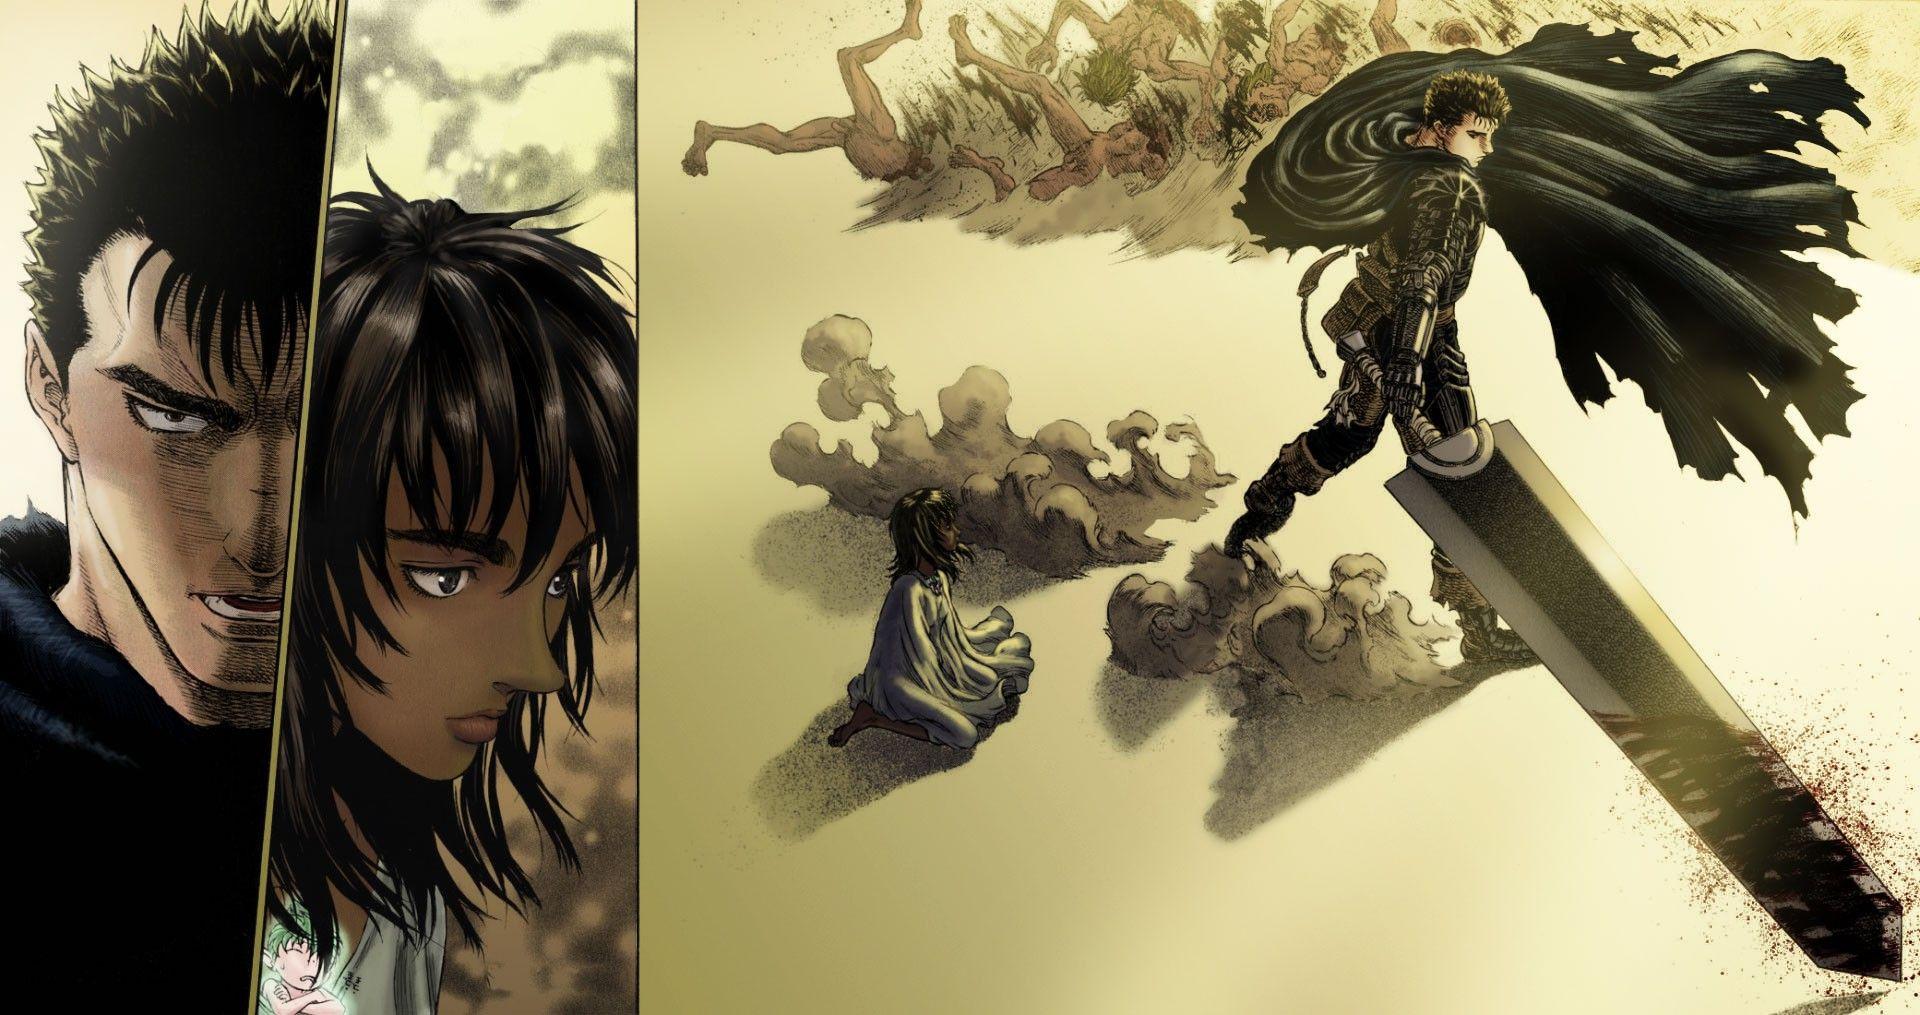 Berserk, Guts, Manga, Casca, Kentaro Miura Wallpapers HD